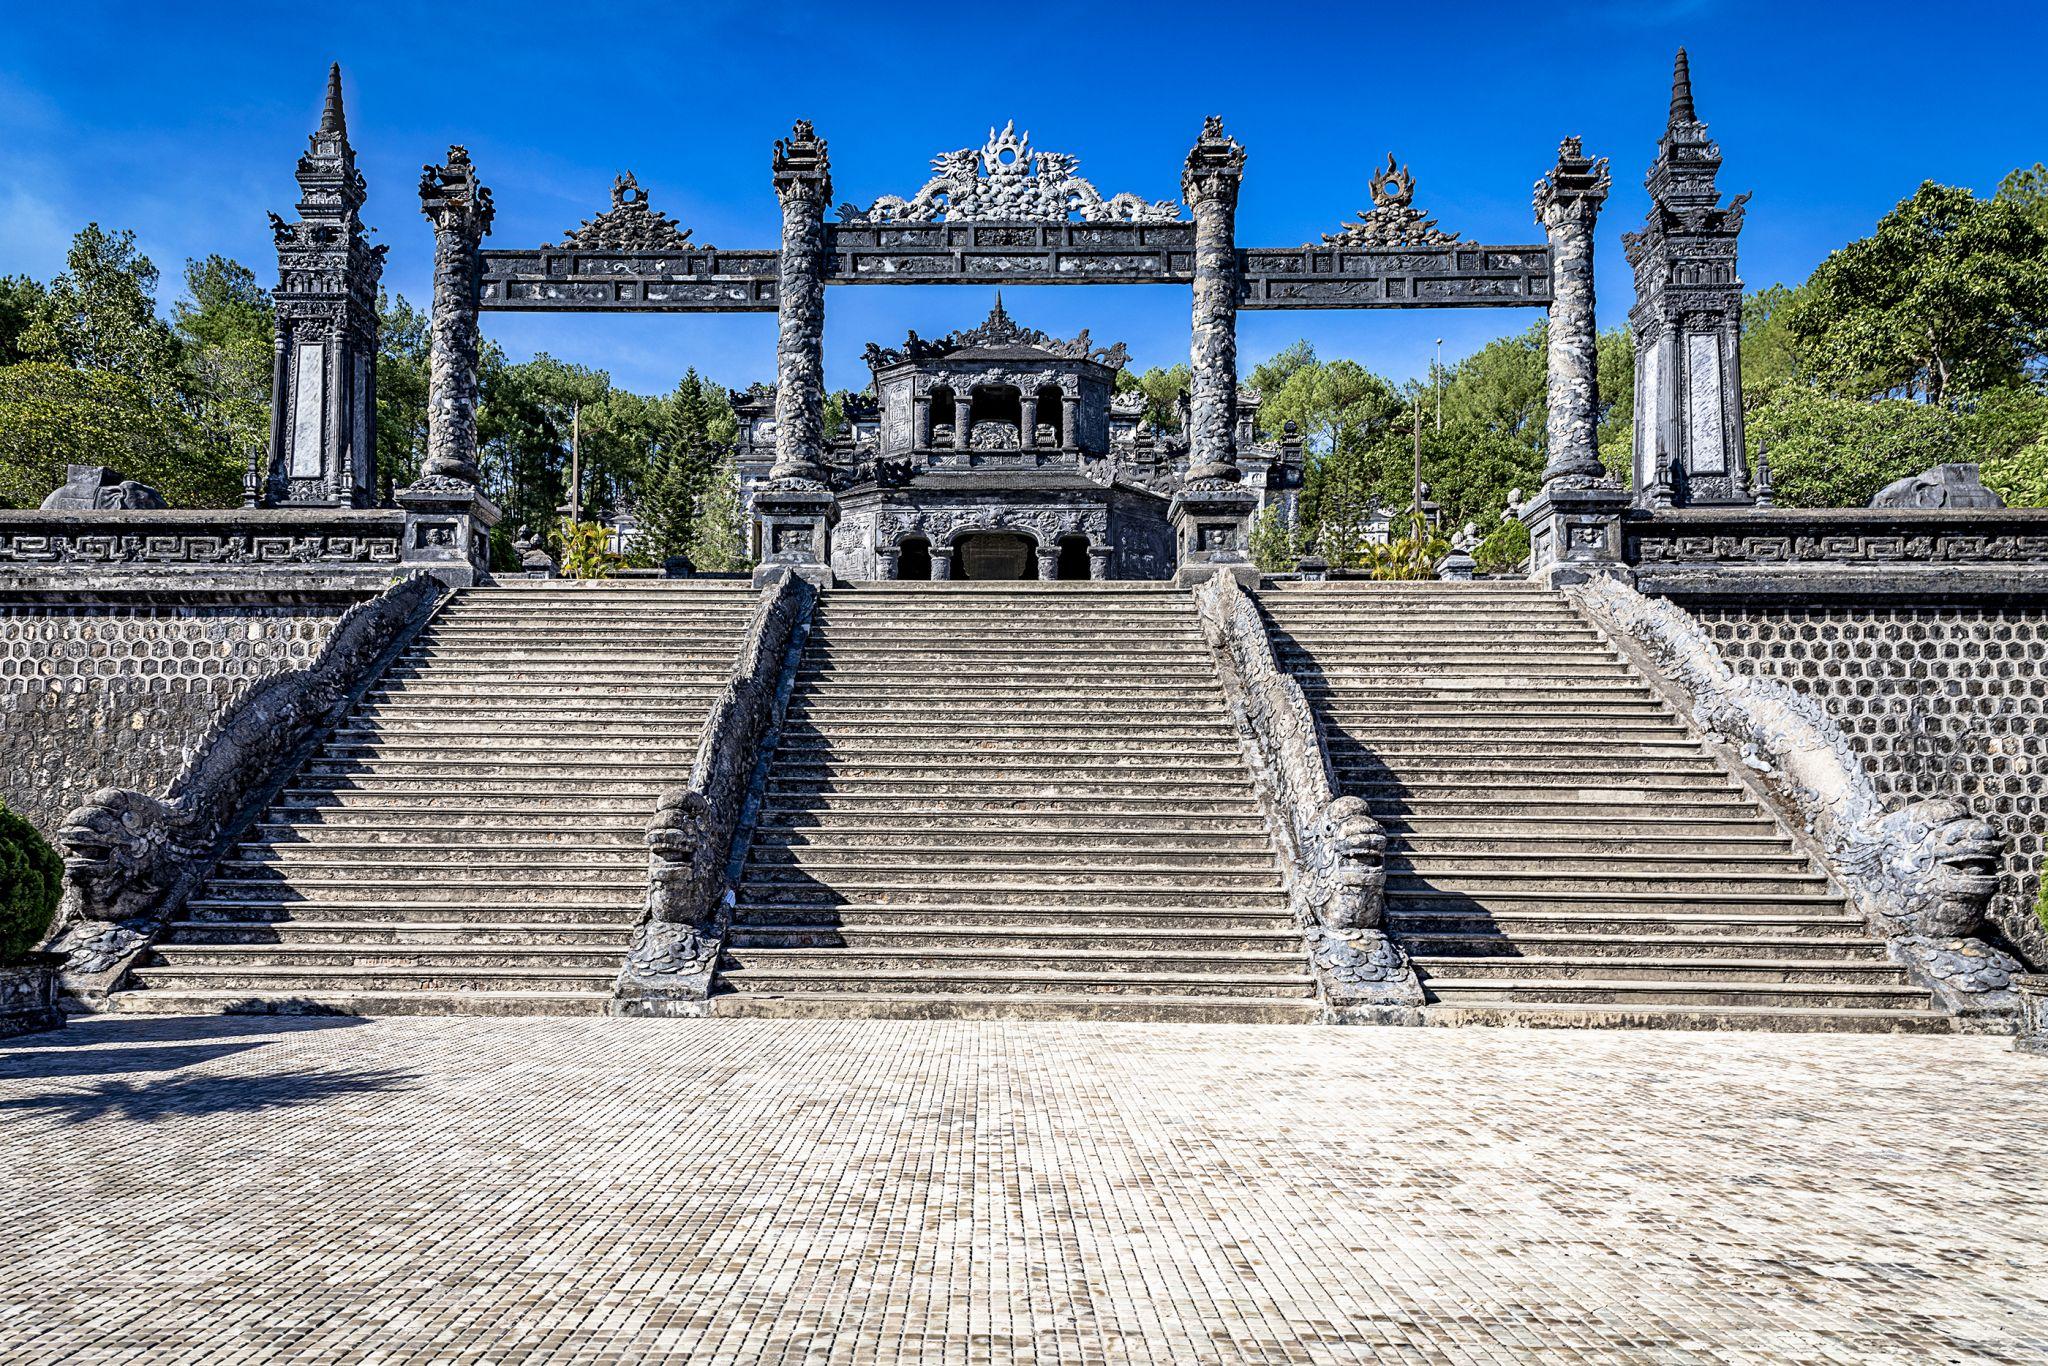 Mausoleum of Emperor Khai Dinh, Vietnam